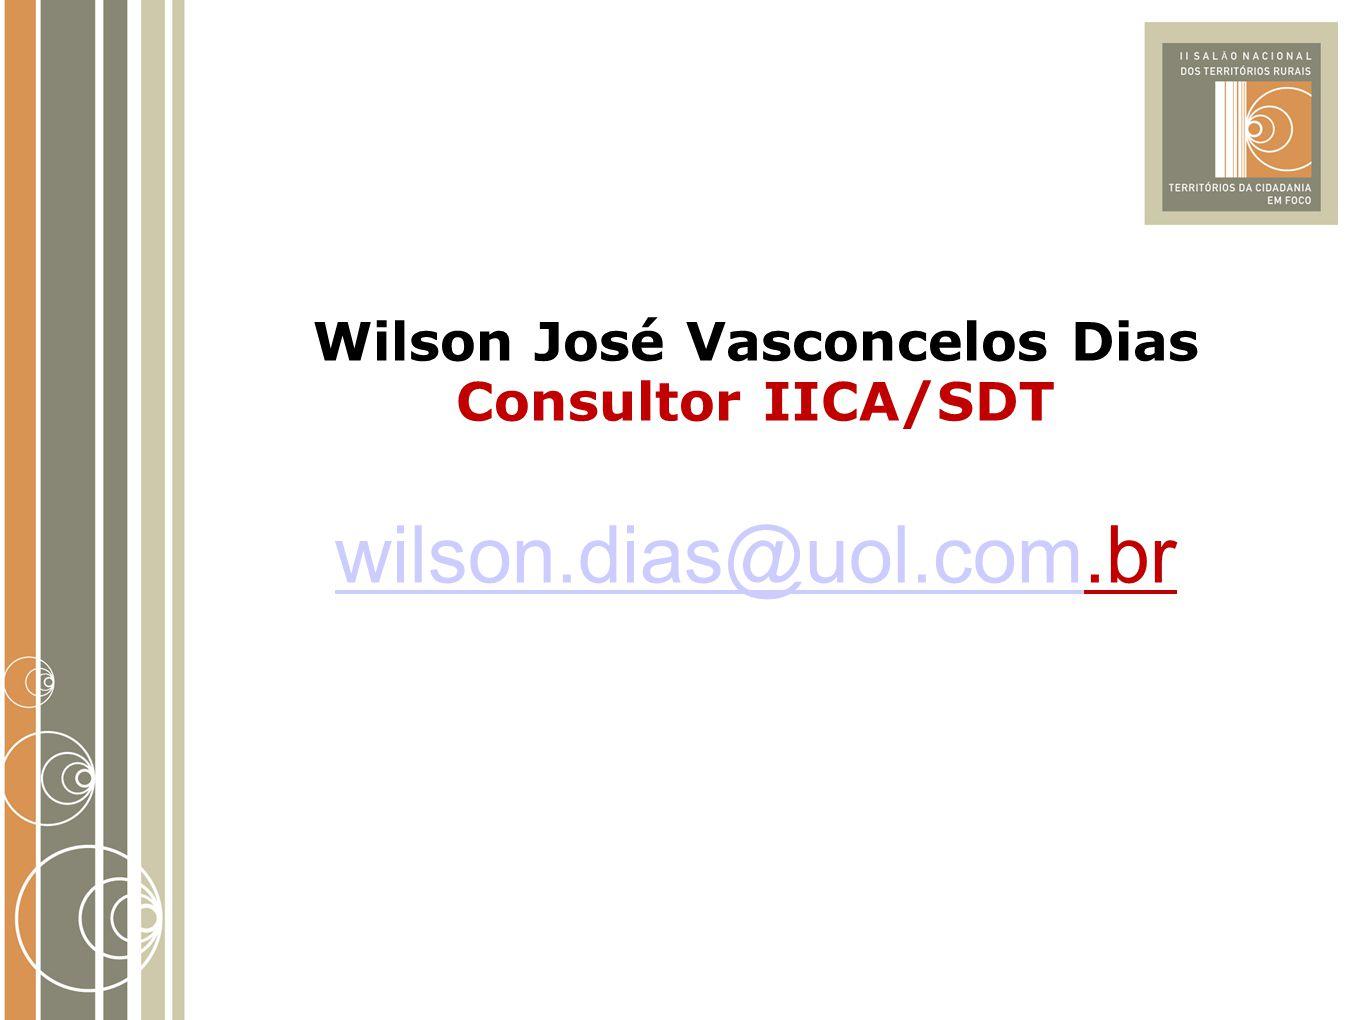 Wilson José Vasconcelos Dias Consultor IICA/SDT wilson.dias@uol.comwilson.dias@uol.com.br